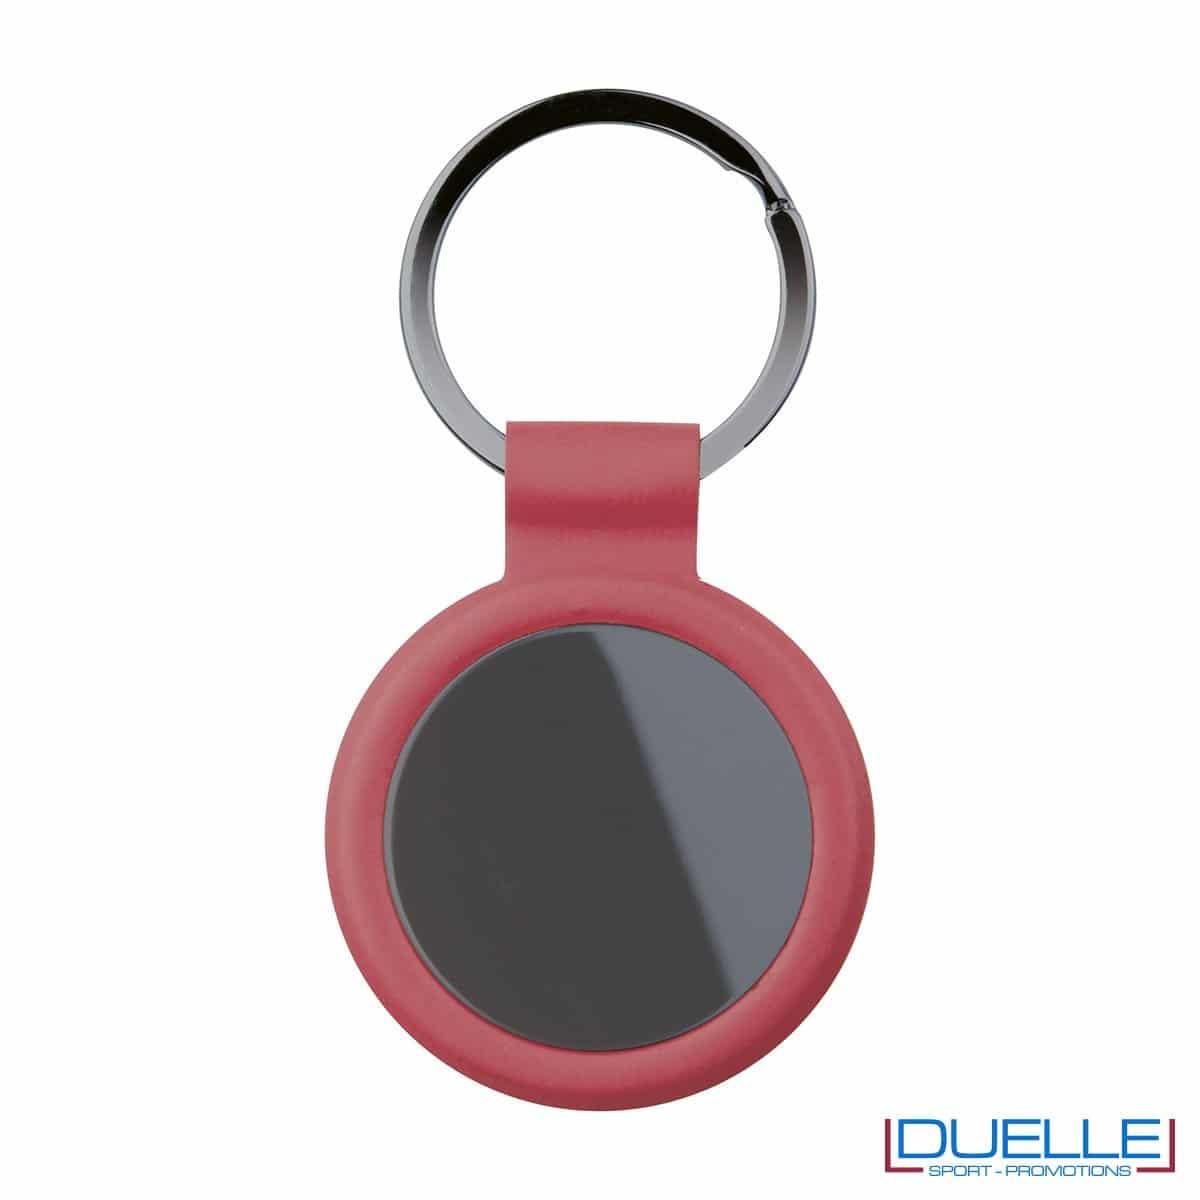 portachiavi personalizzato circolare in metallo gun metal con profilo rosso